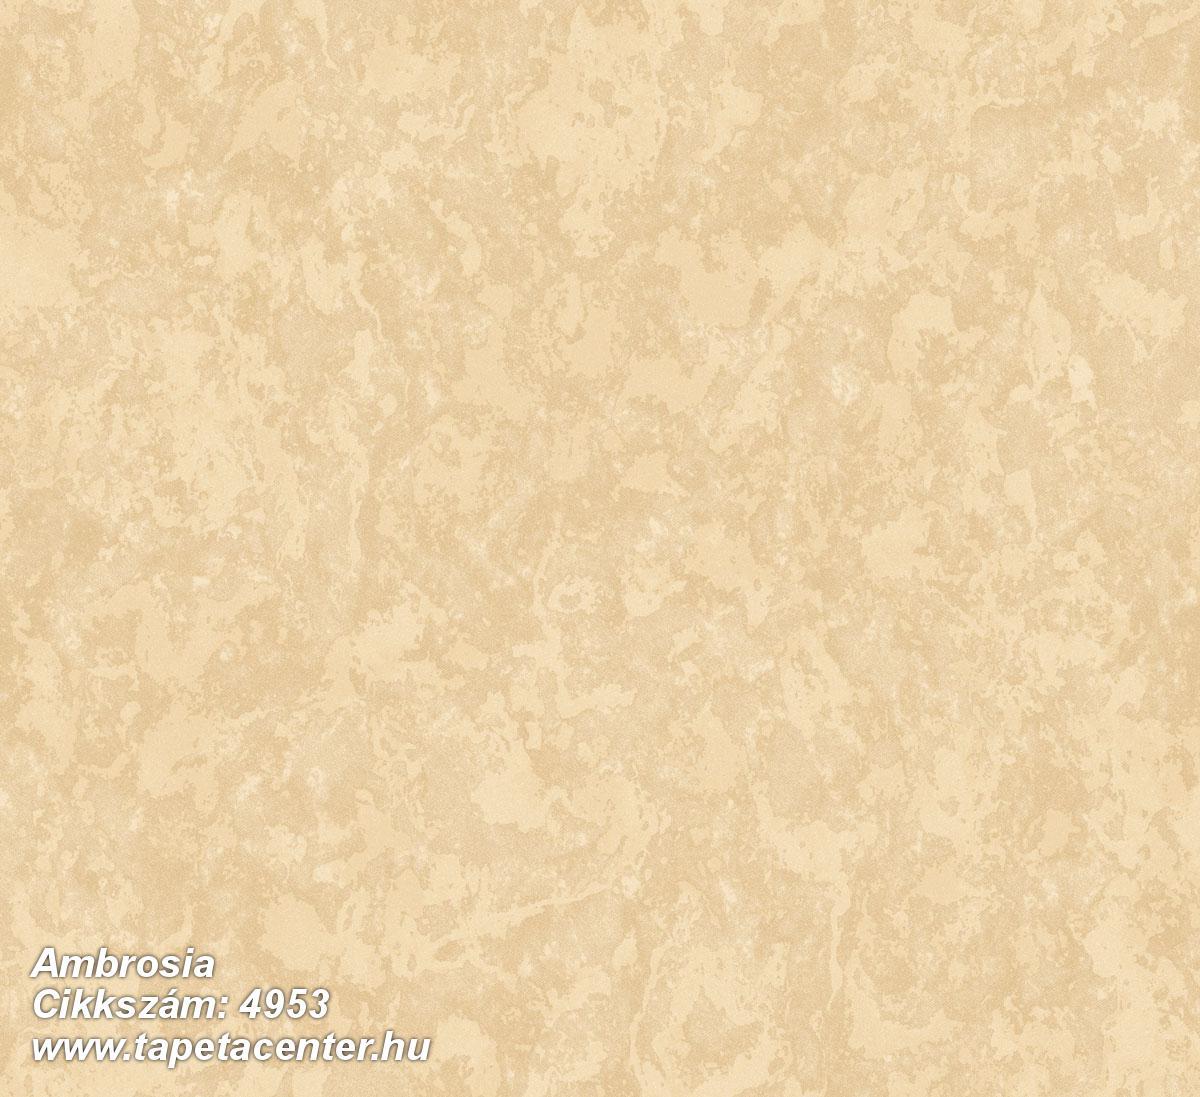 Barokk-klasszikus,kőhatású-kőmintás,arany,bézs-drapp,súrolható,vlies tapéta